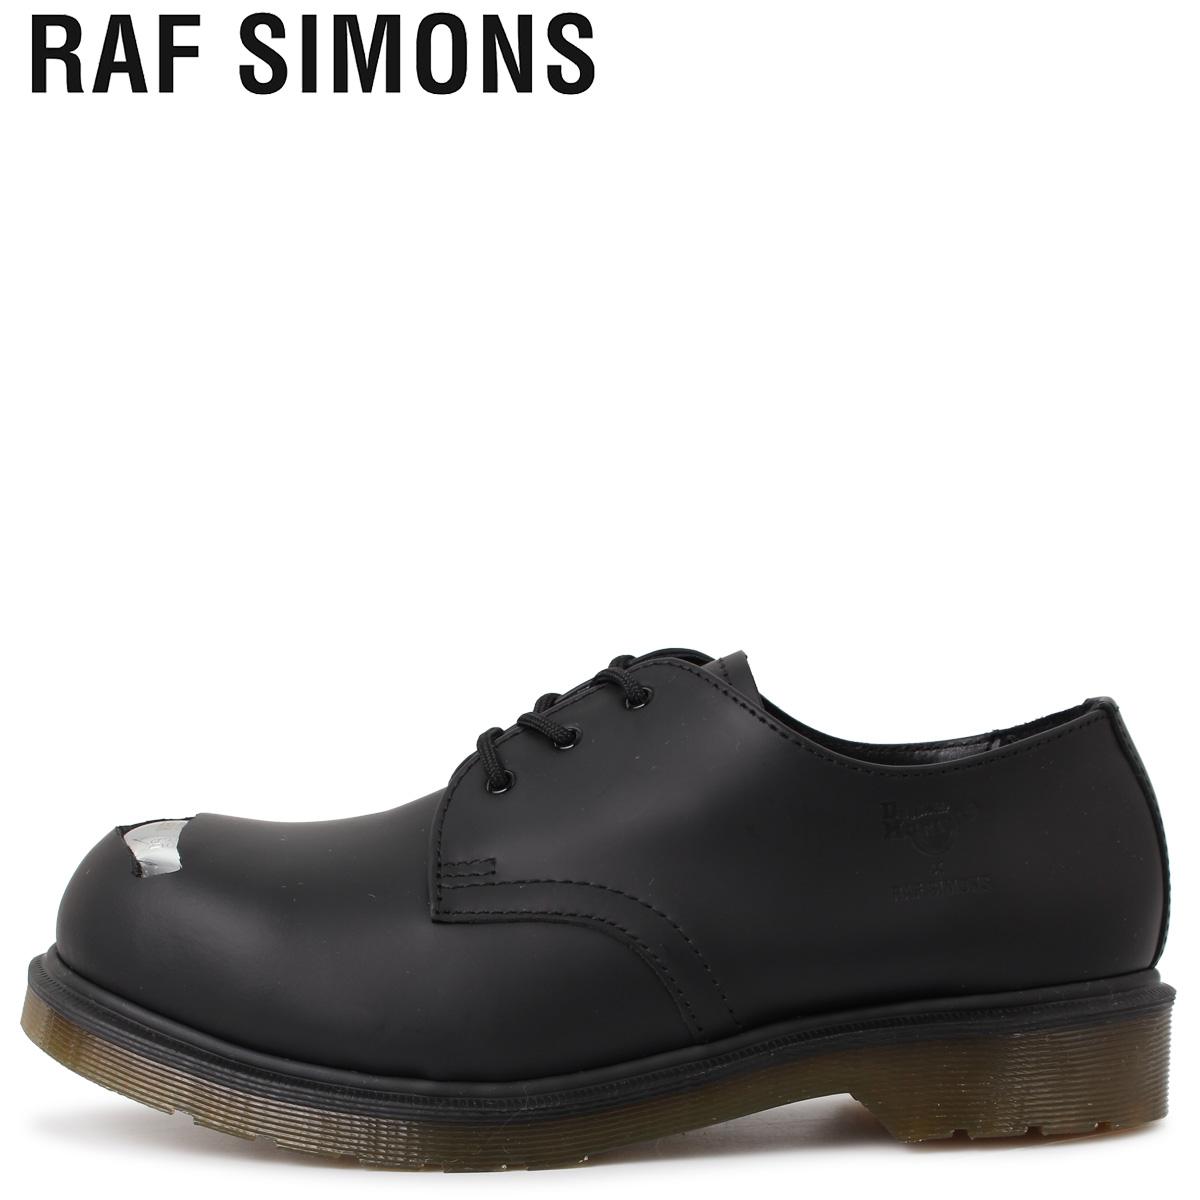 Dr.Martens ドクターマーチン RAF SIMONS ラフシモンズ 3ホール シューズ メンズ コラボ CUT OUT STEEL TOES SHOE ブラック 黒 192-936D